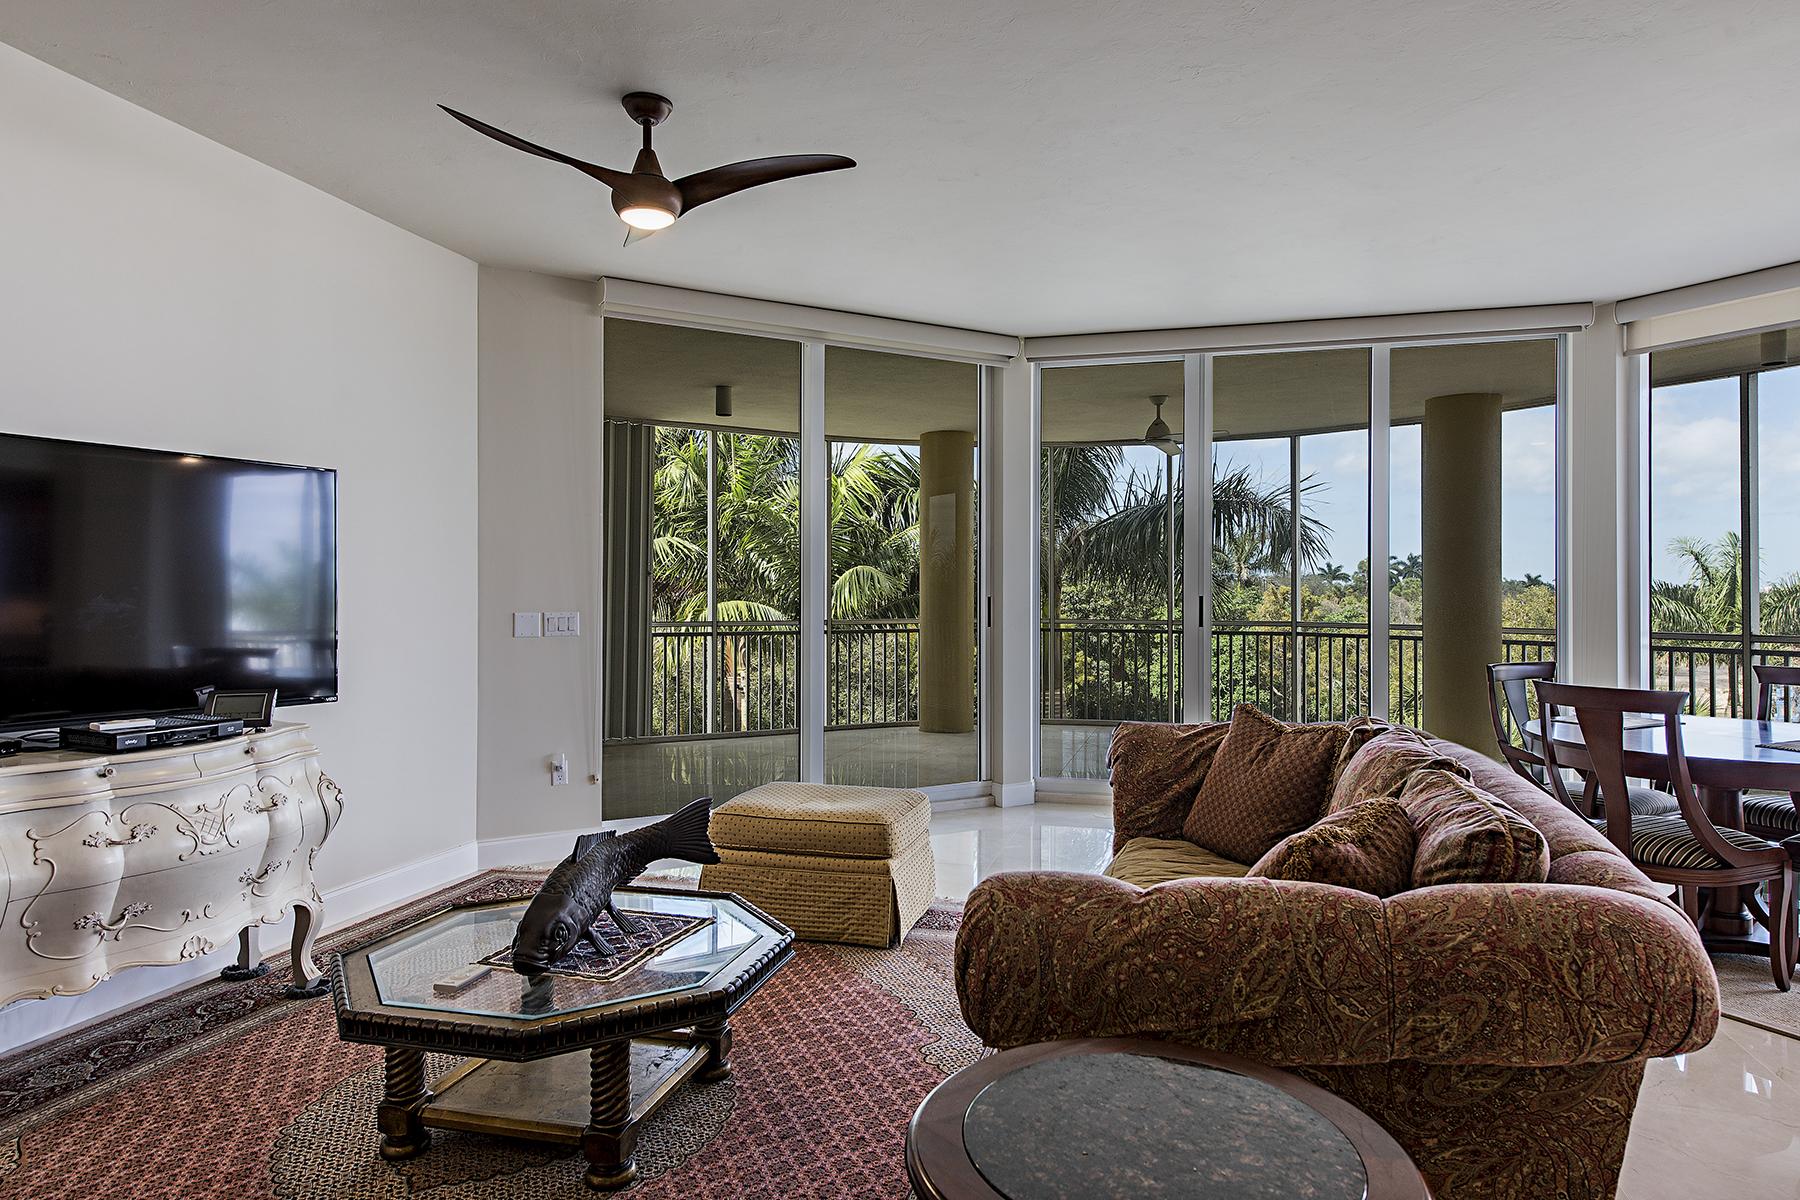 Condominium for Sale at PELICAN ISLE - AQUA 13675 Vanderbilt Dr 310 Naples, Florida, 34110 United States